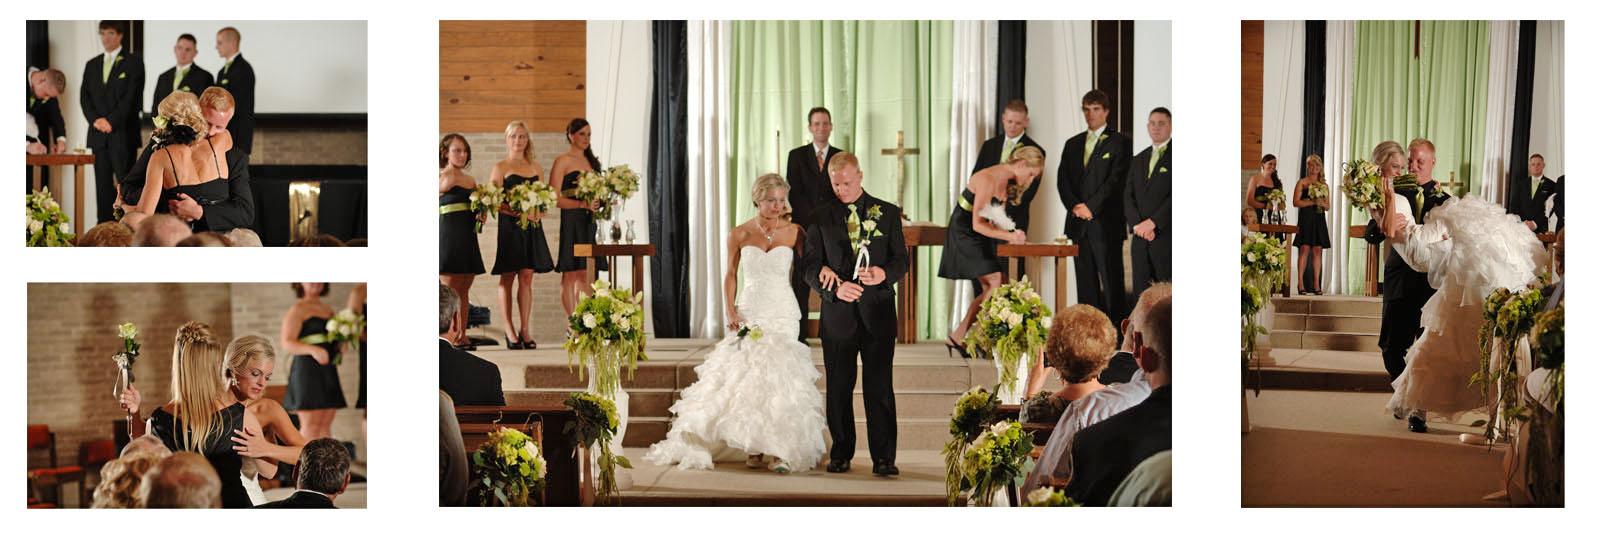 Bird shay wedding